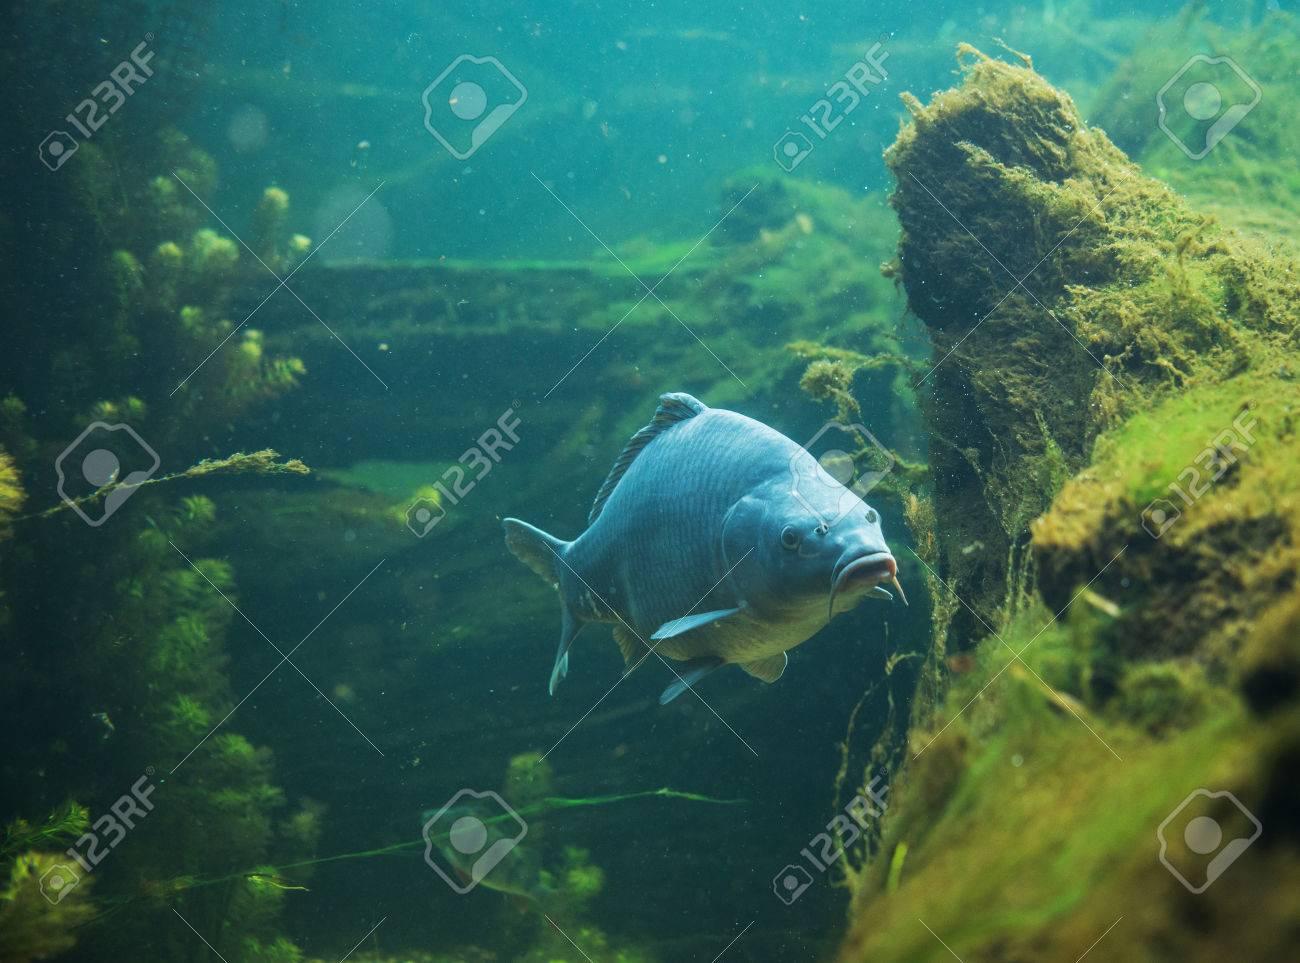 clsoe up on Cyprinus carpio in fresh water - 64560564